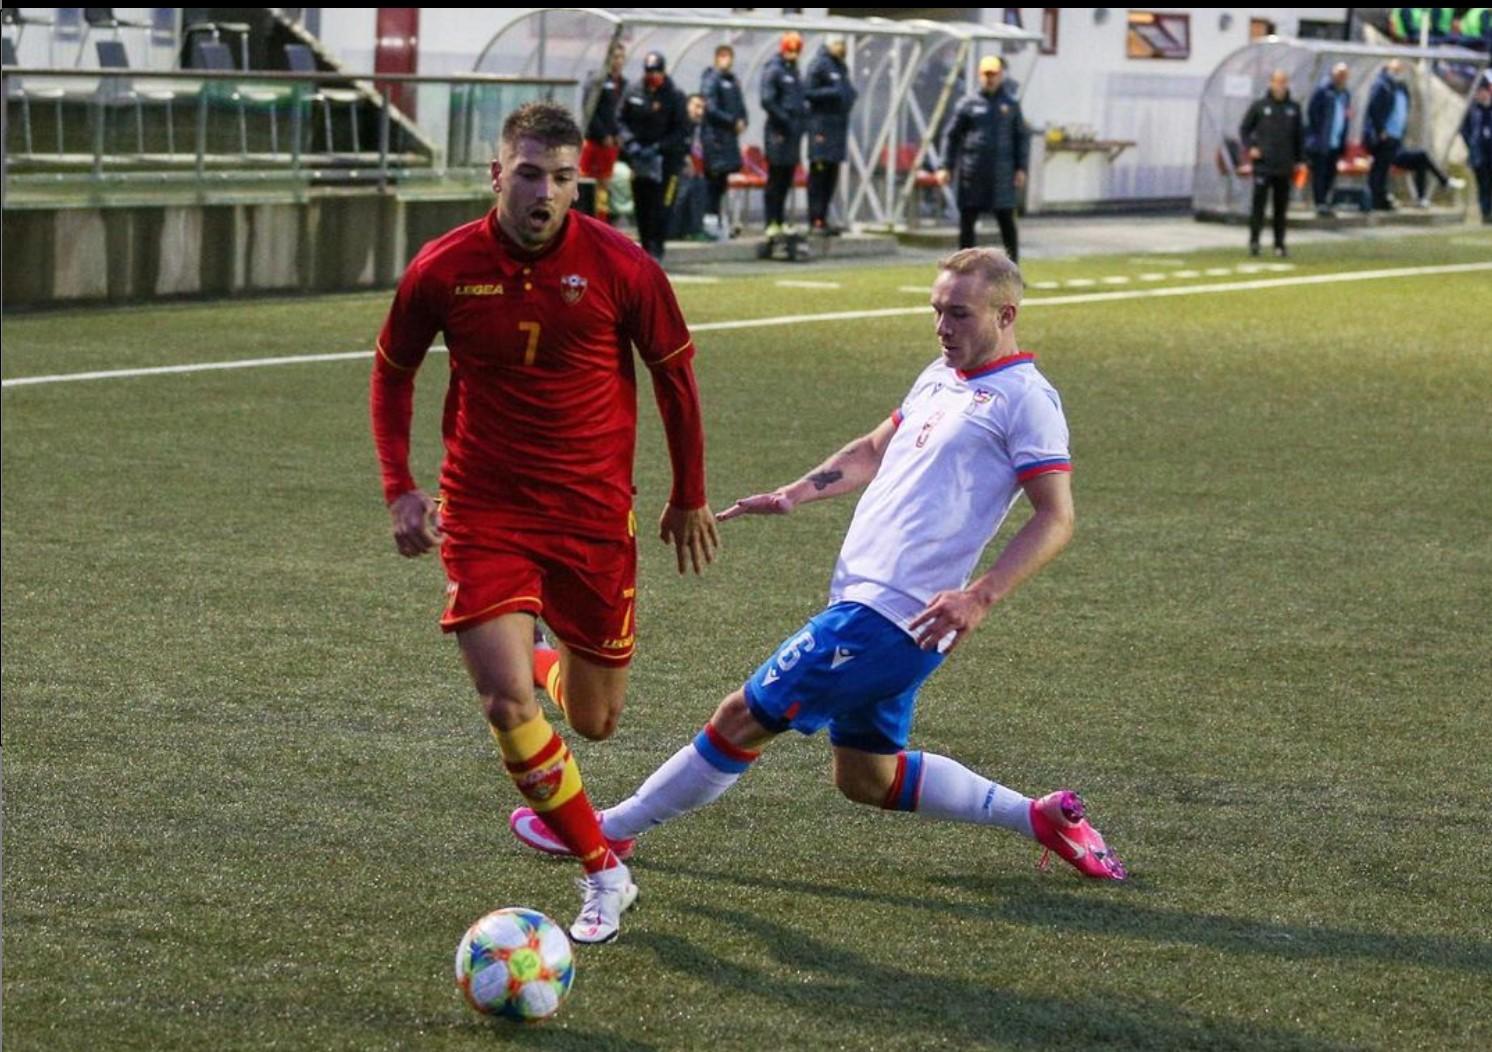 Stijepovic con la maglia del Montenegro U21 (foto profilo personale Instagram)